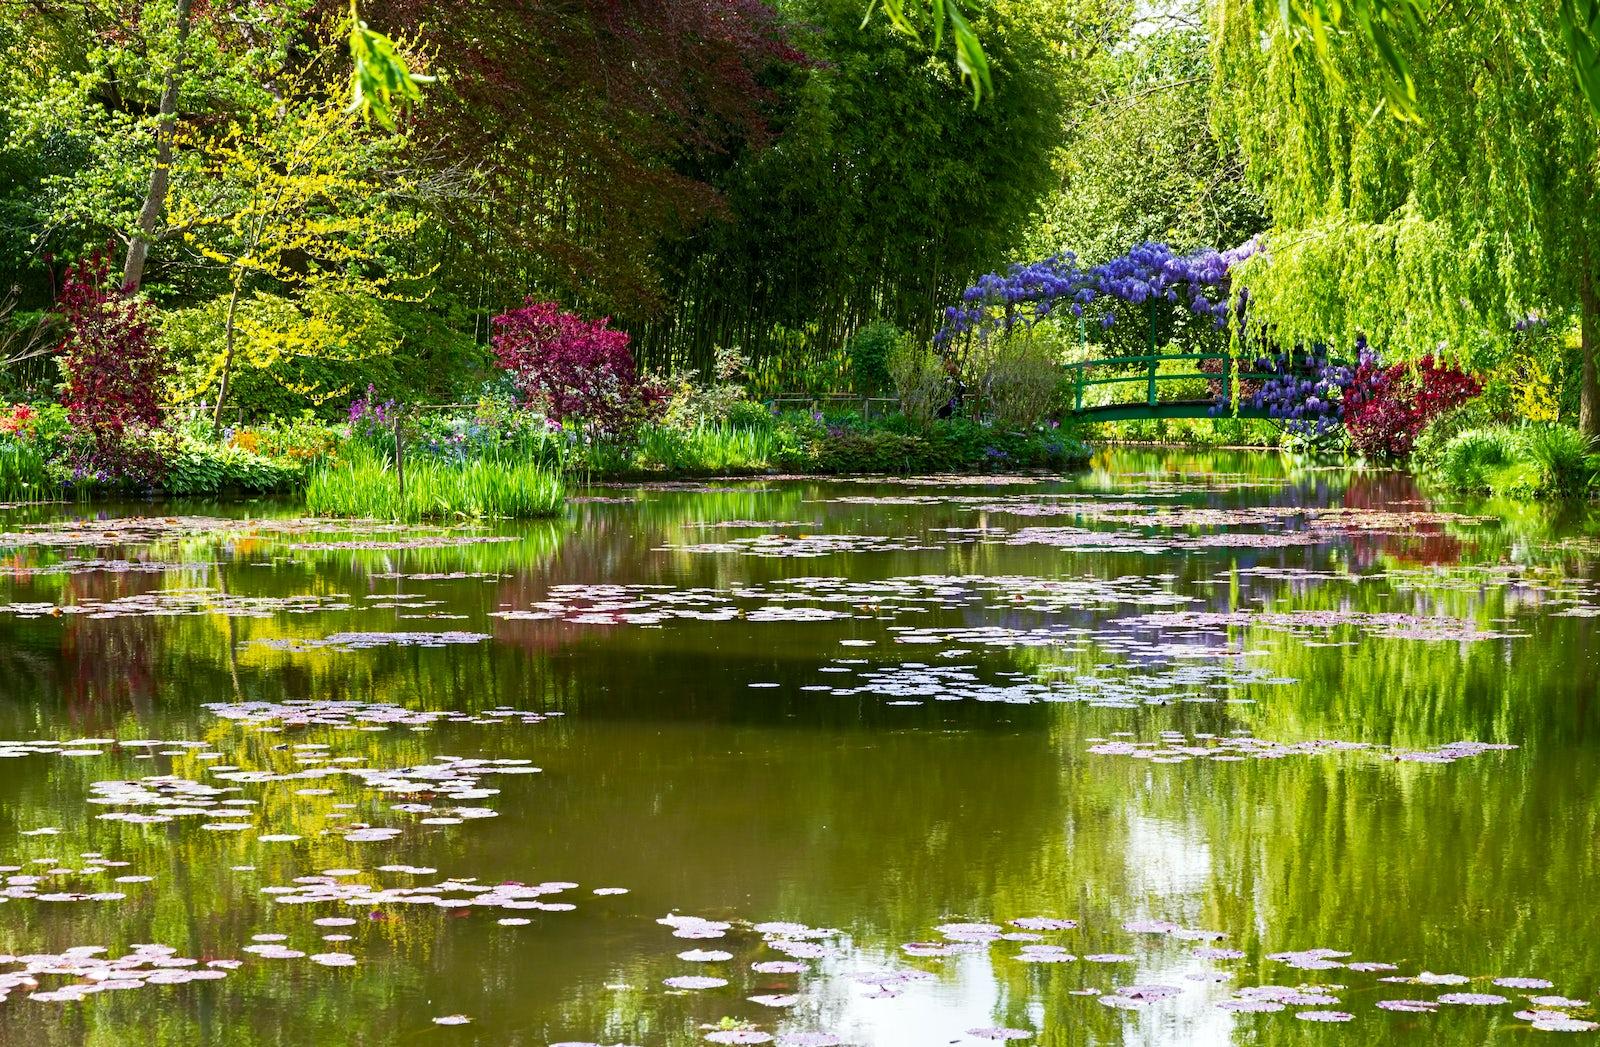 Maison et jardins de Claude Monet - Giverny | itinari